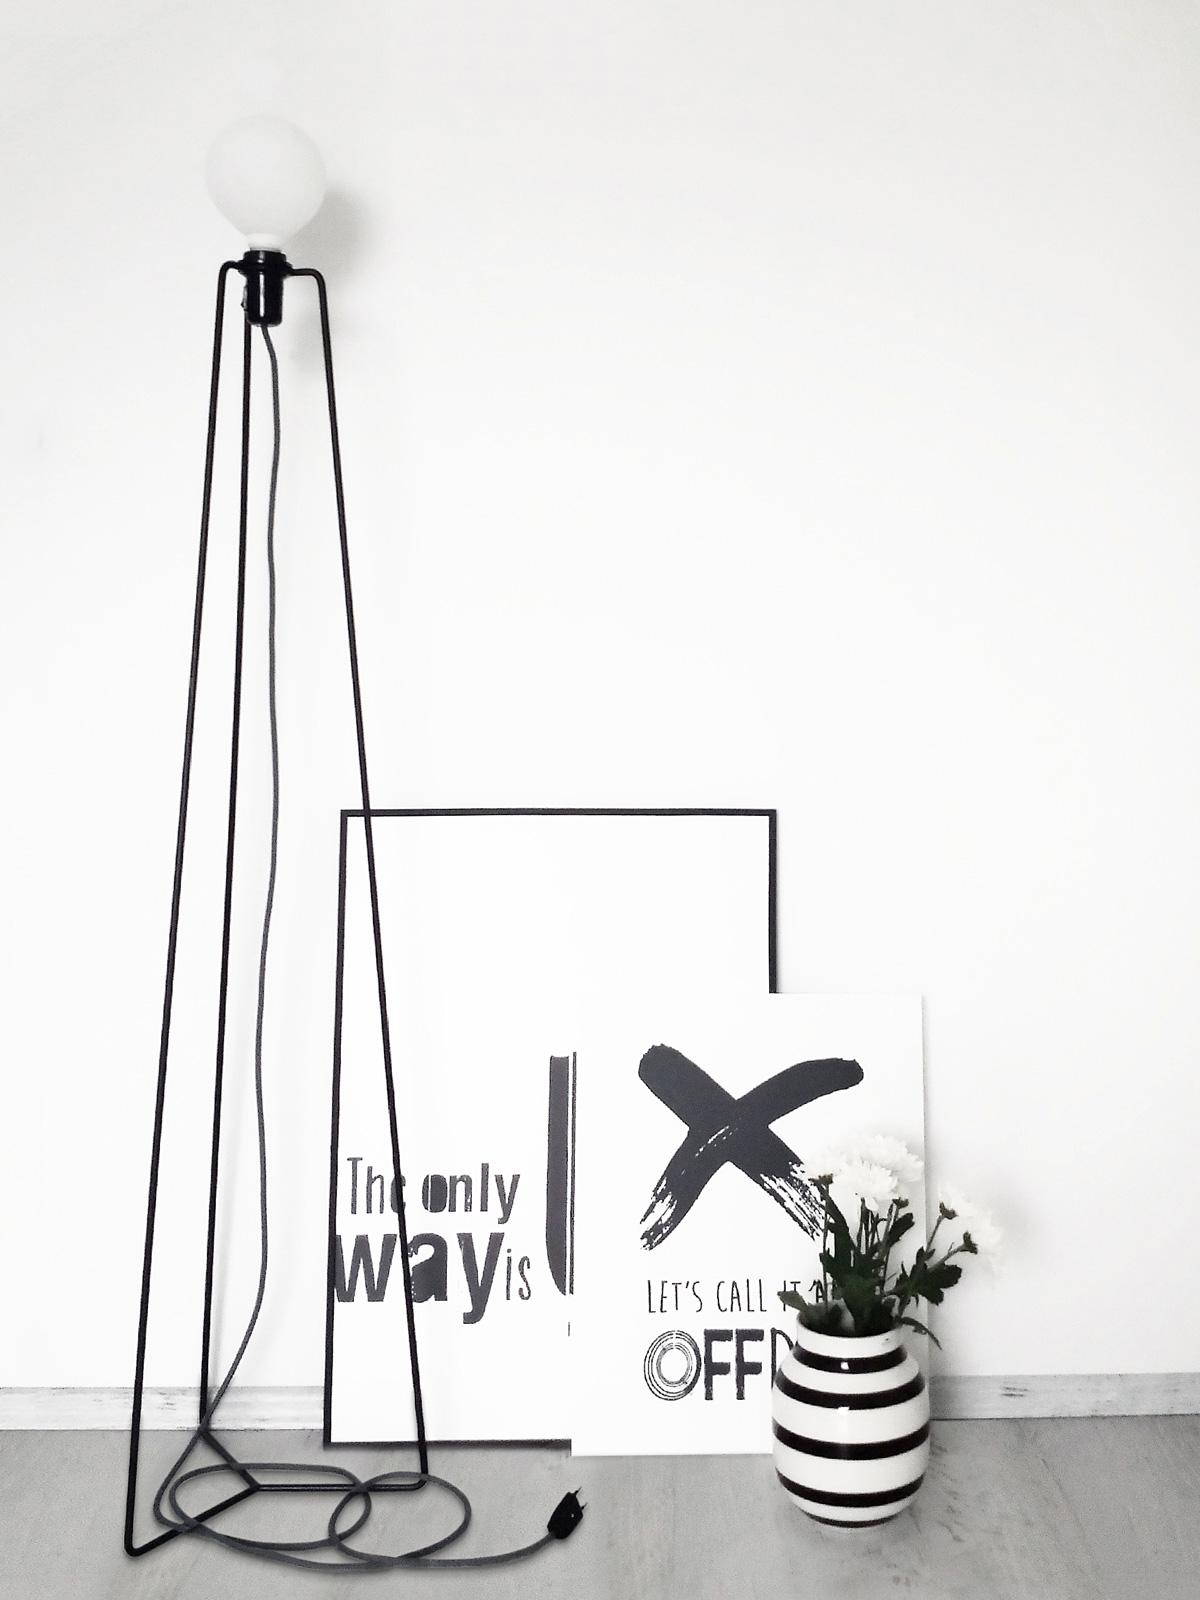 Stehleuchte Grupa Products Model Designerlampe DesignOrt